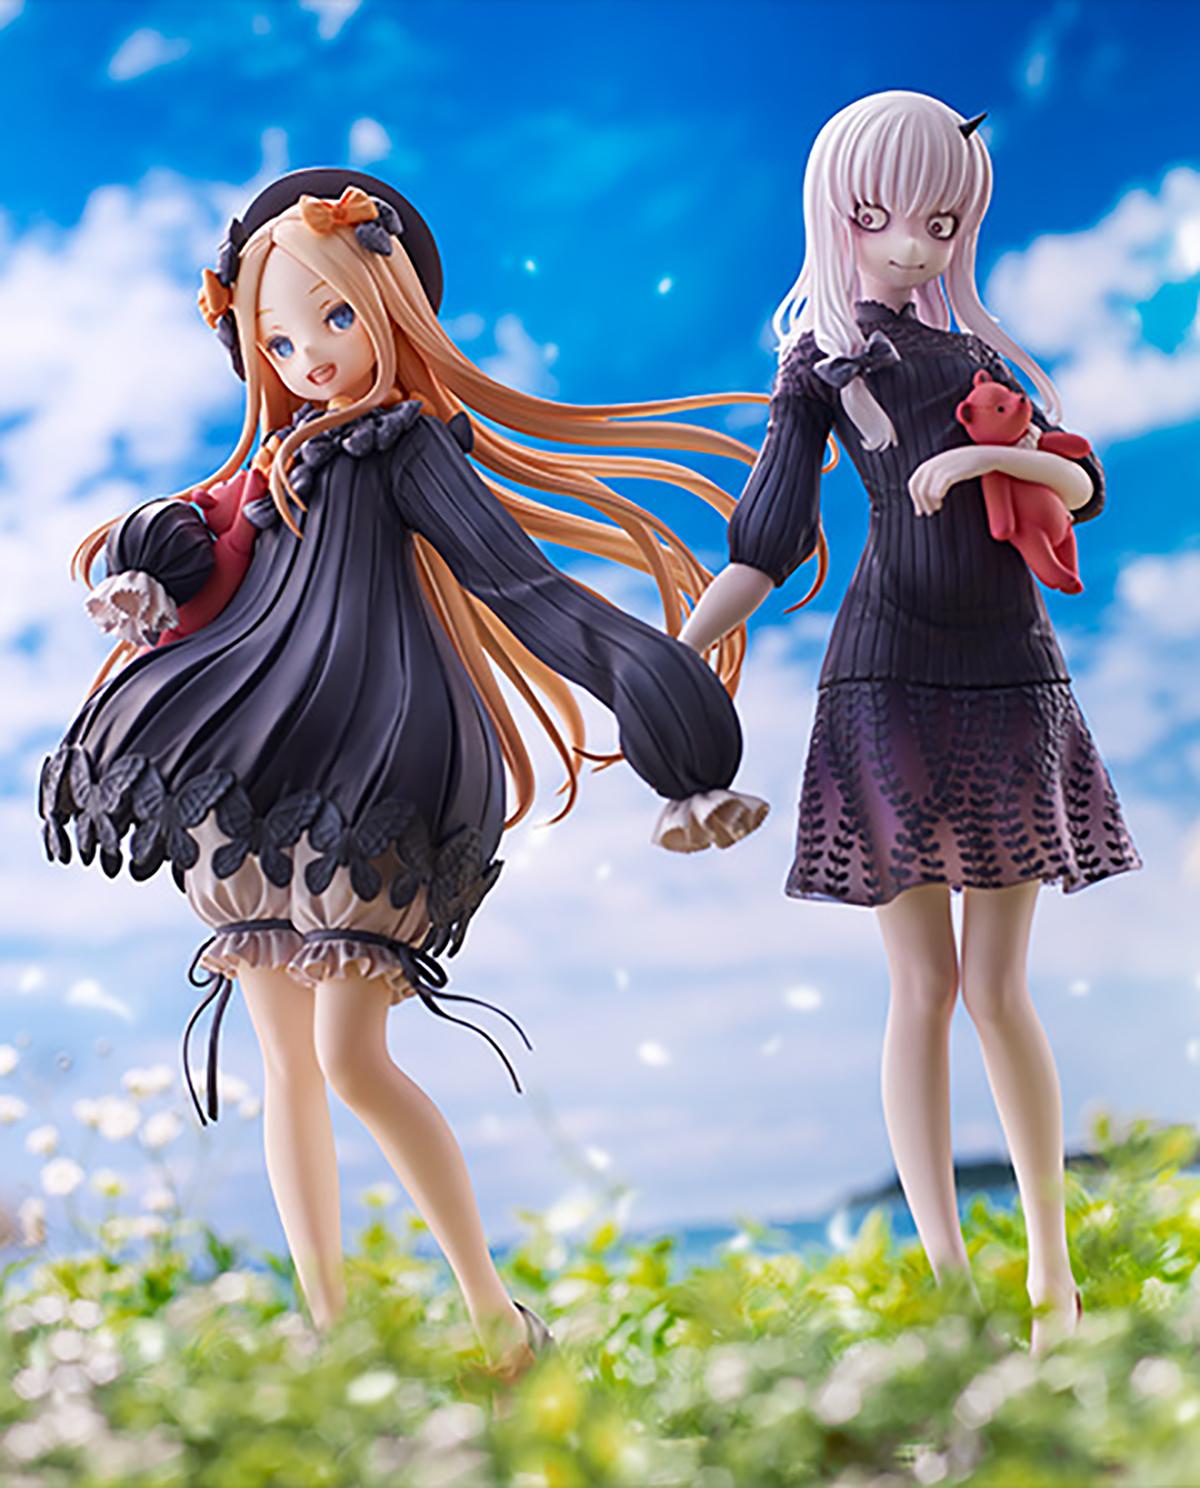 【限定販売】Fate/Grand Order『フォーリナー/アビゲイル・ウィリアムズ&ラヴィニア・ウェイトリー セット』1/7 完成品フィギュア-001